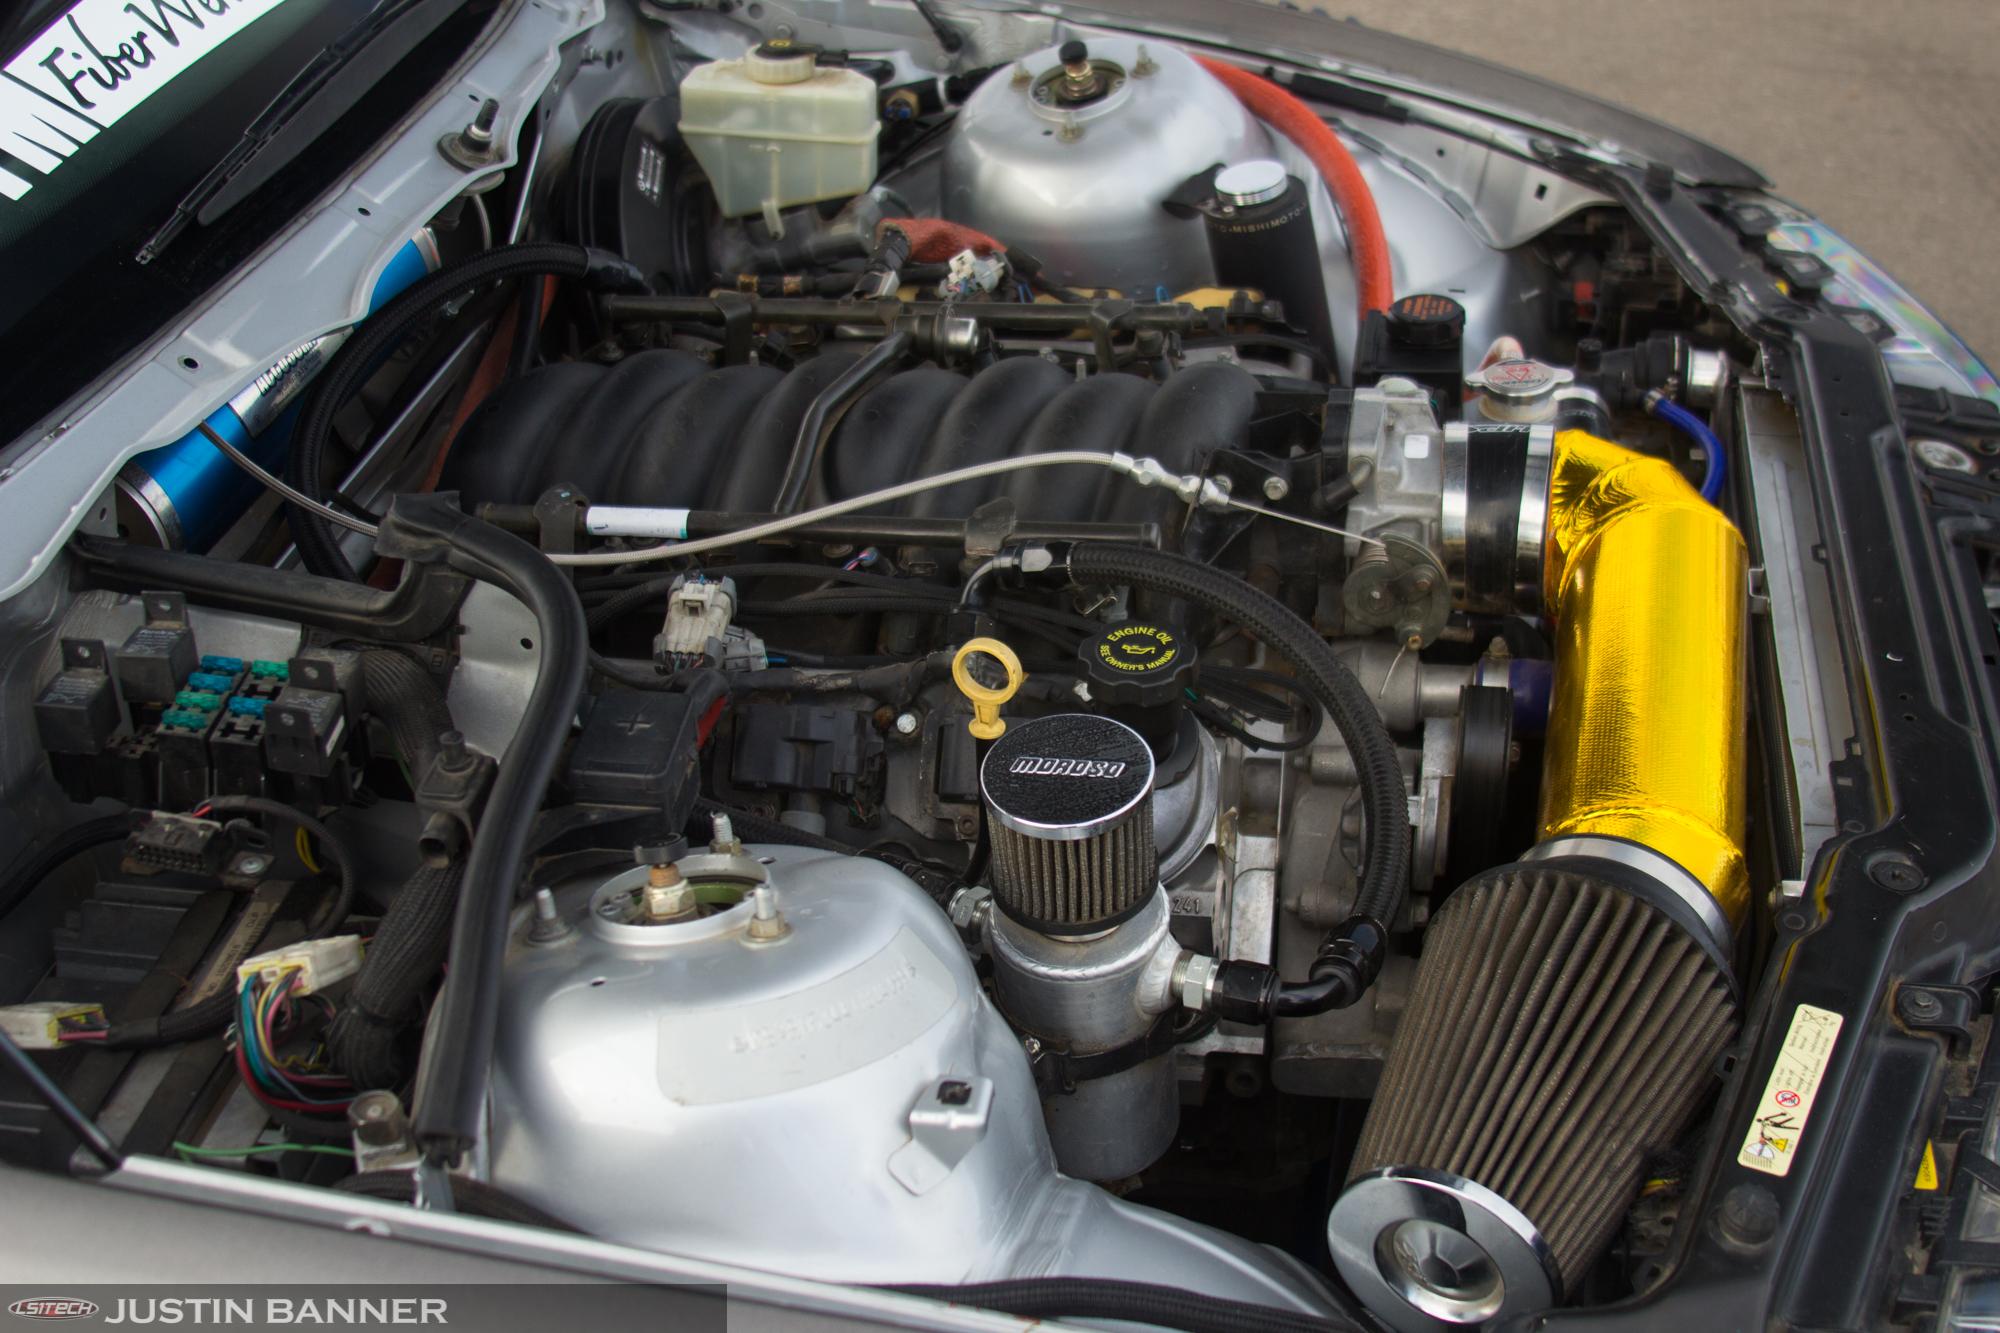 hight resolution of flow bmw 323 engine compartment diagram 1957 chevy bmw e46 330ci engine bay diagram bmw e46